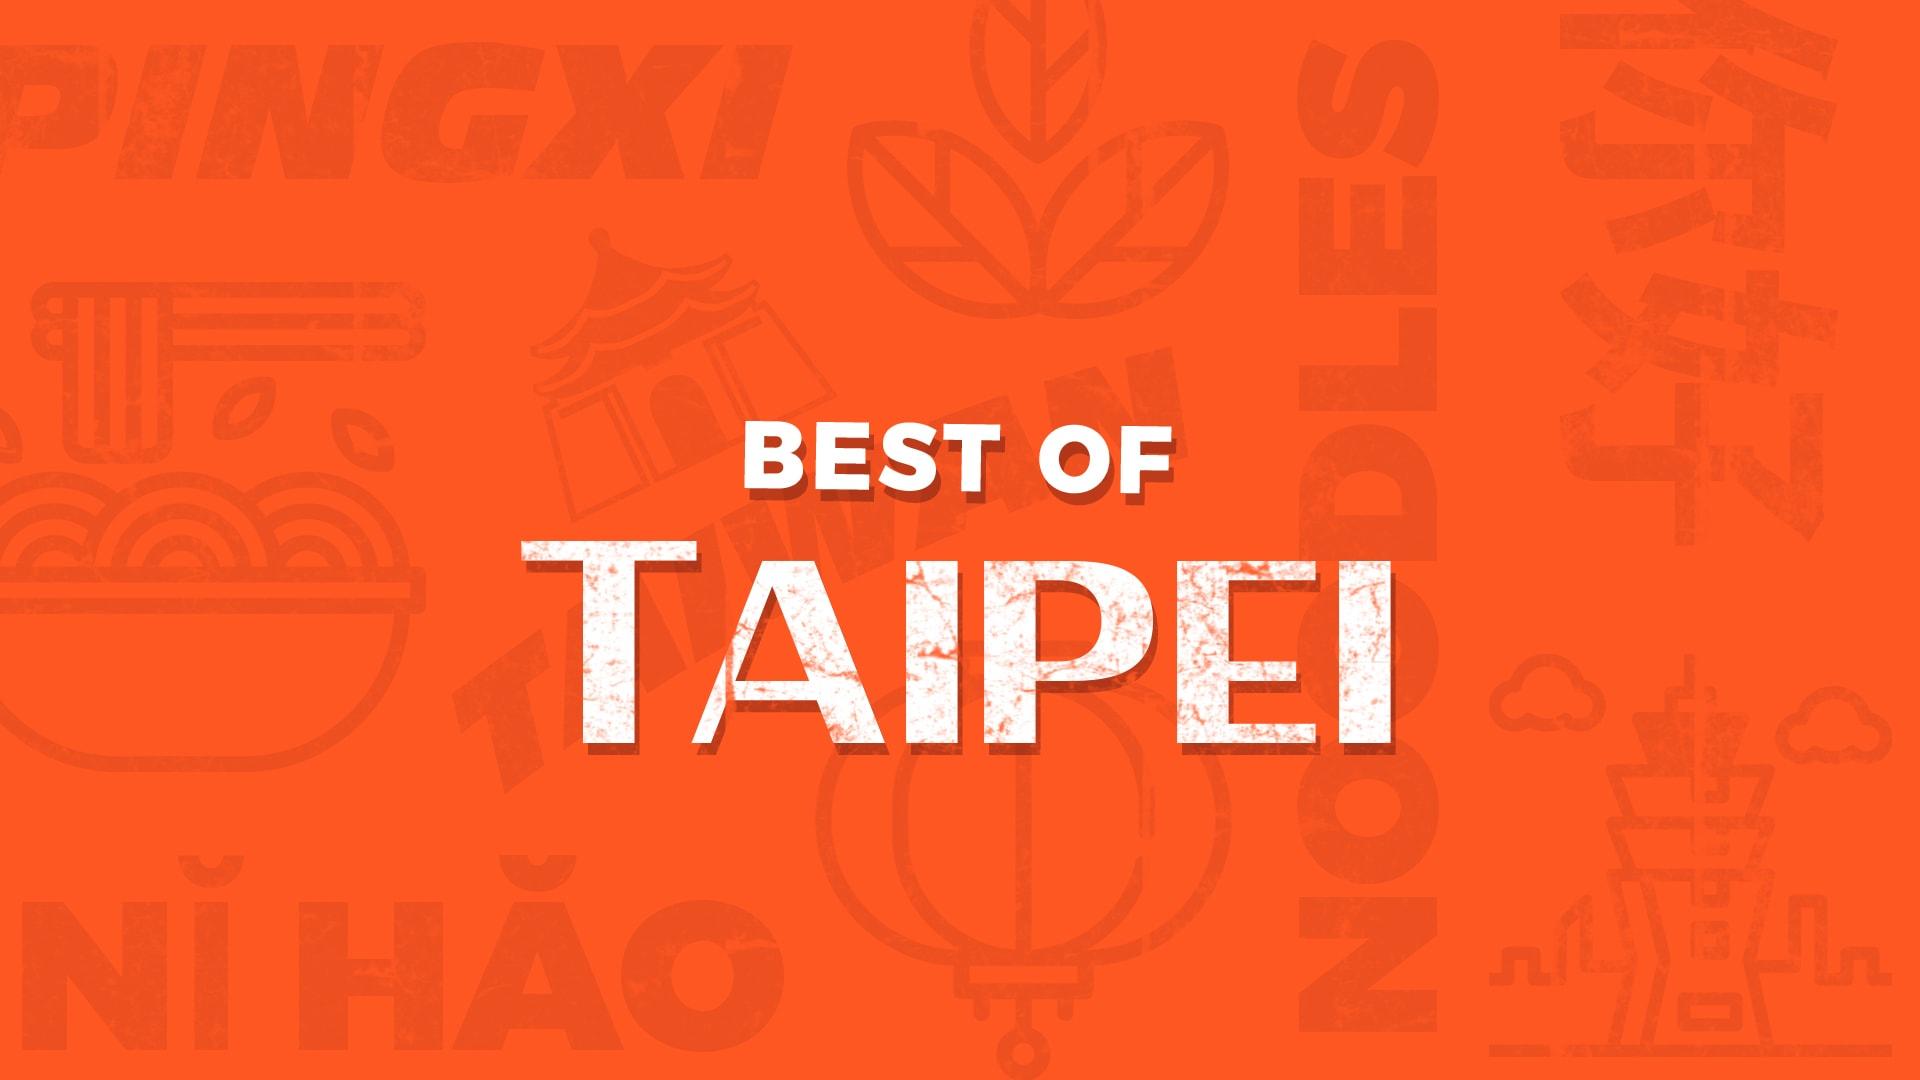 TAIPEInew